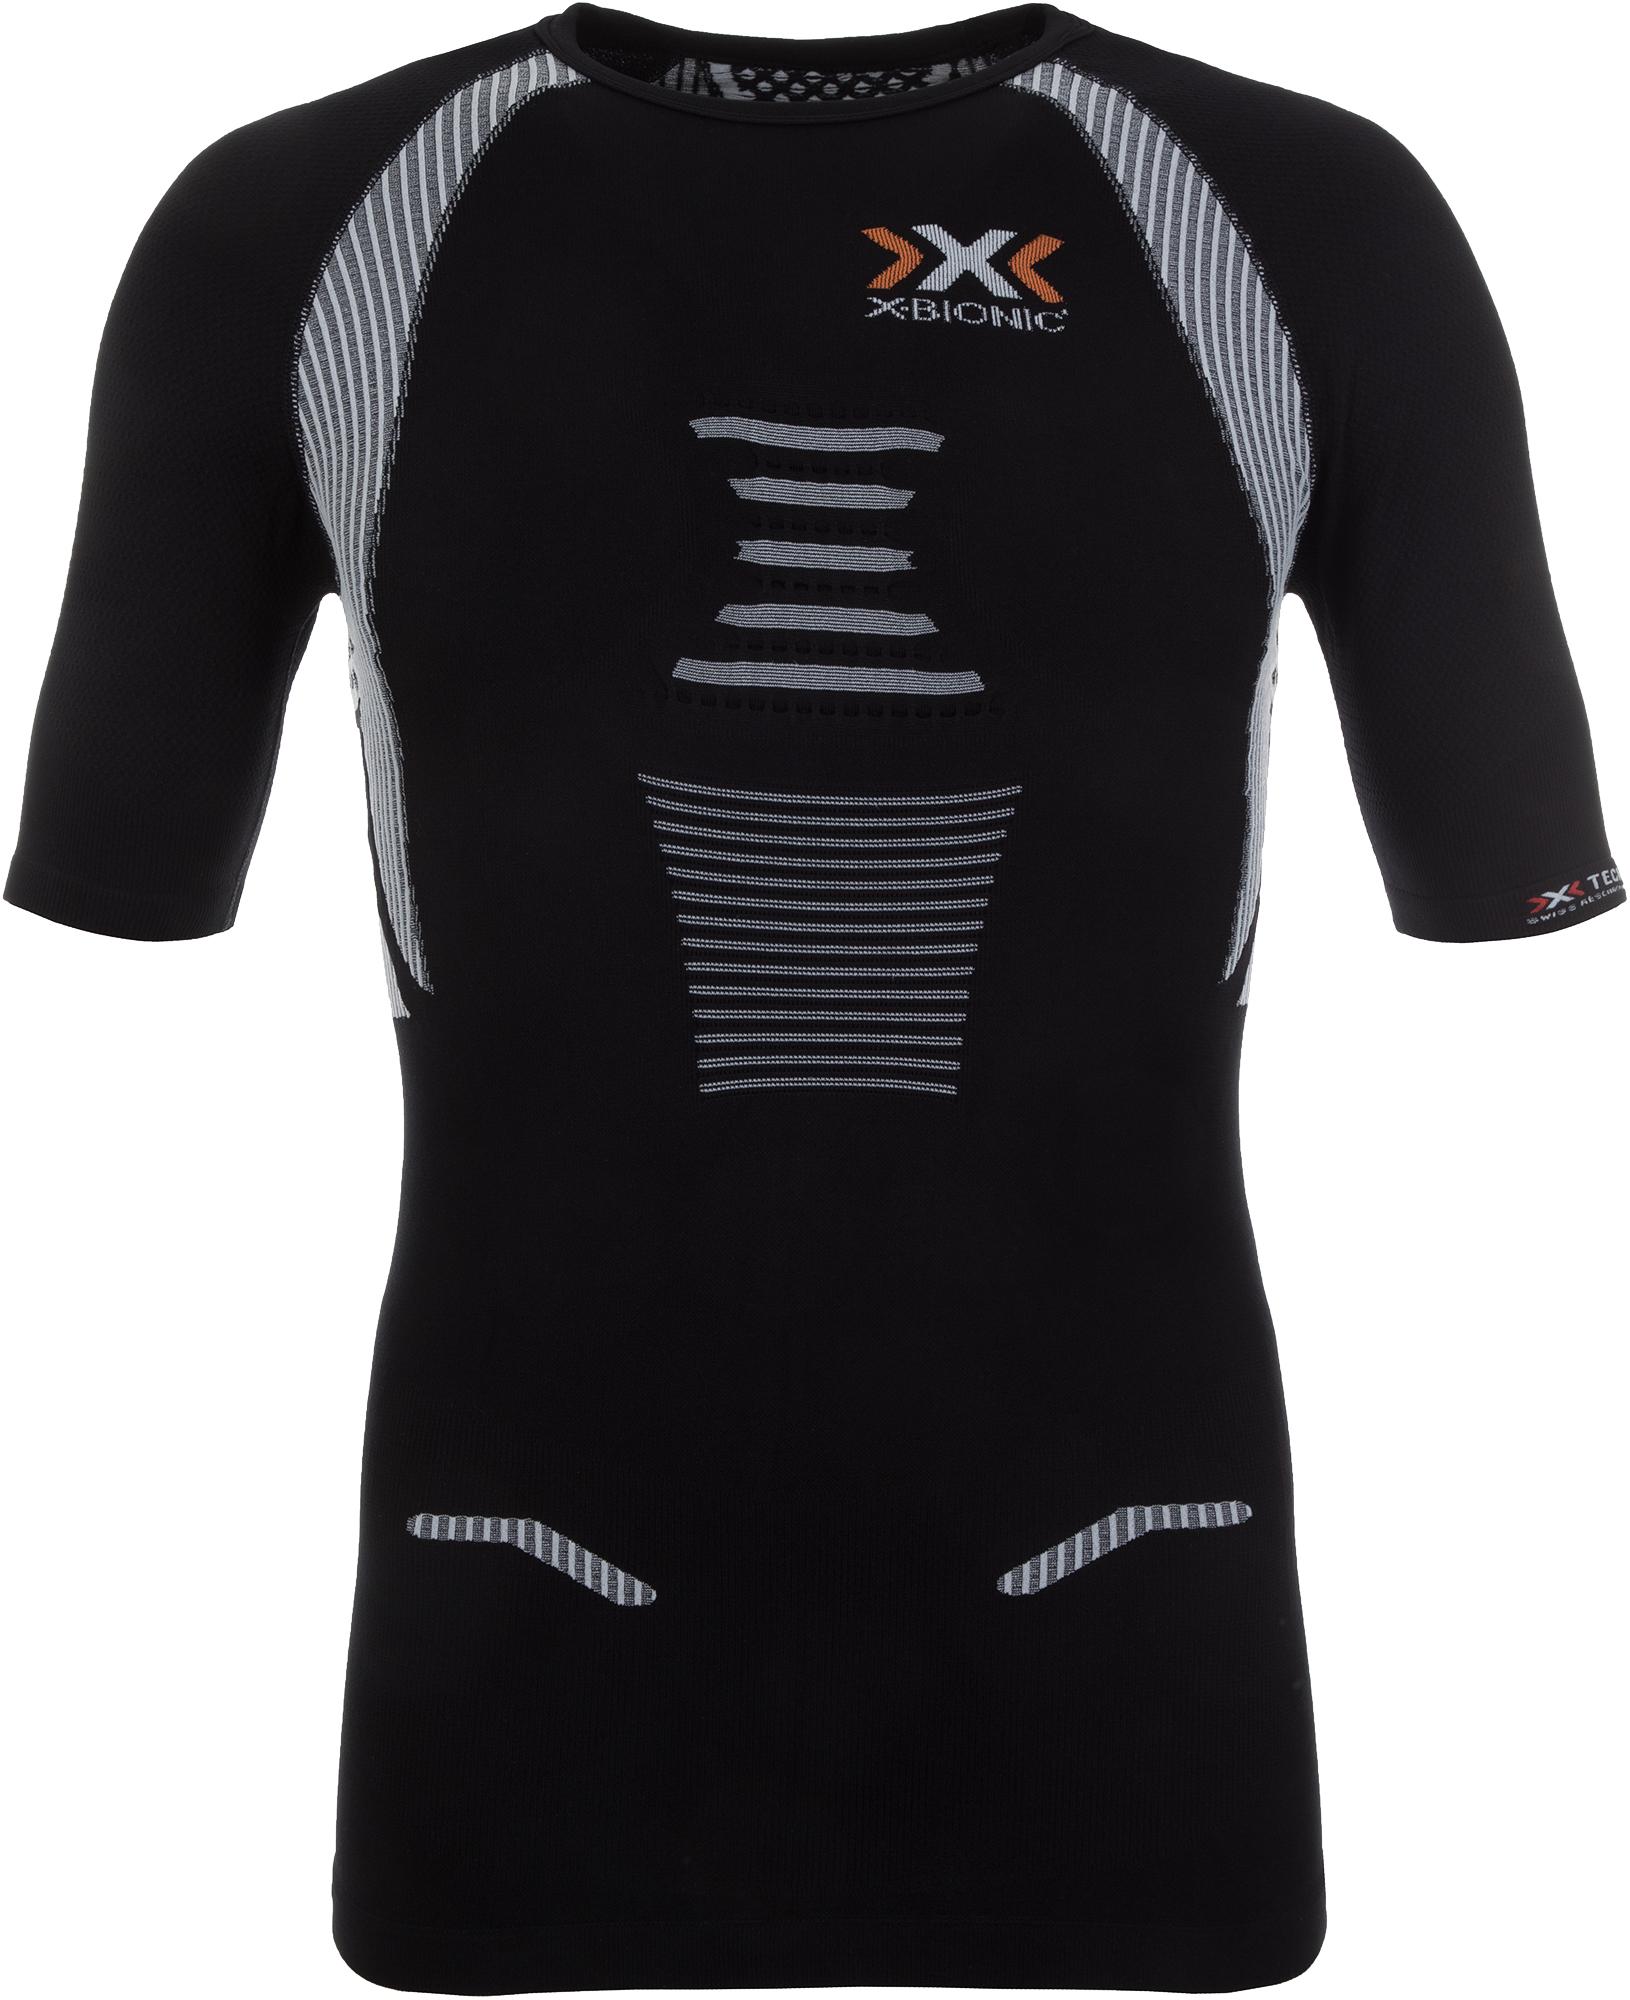 X-Bionic Футболка мужская X-Bionic The Trick Ow, размер 54 цена 2017